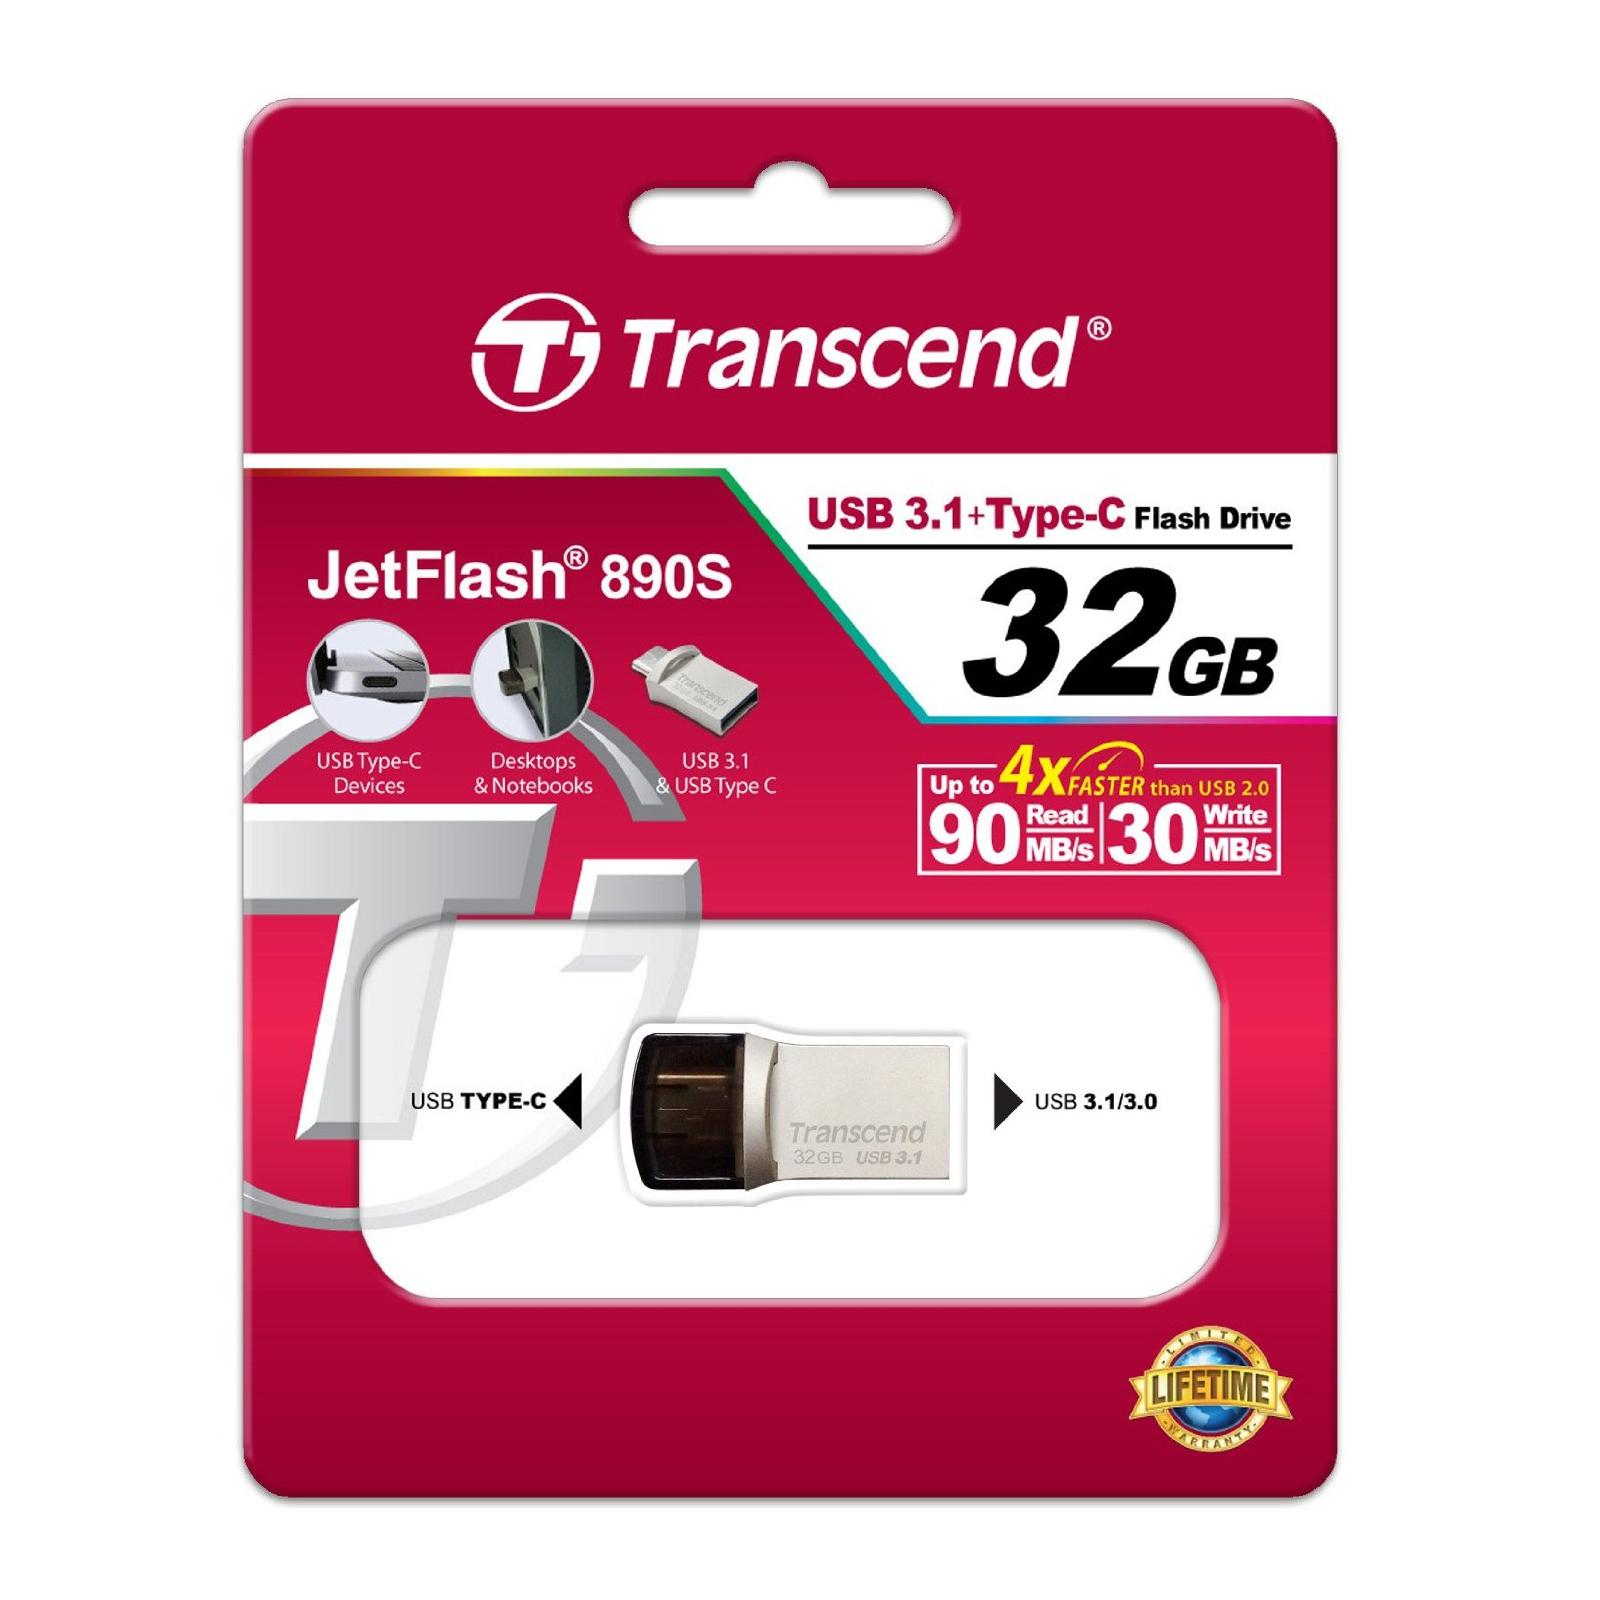 USB флеш накопитель Transcend 32GB JetFlash 890S Silver USB 3.1 (TS32GJF890S) изображение 4